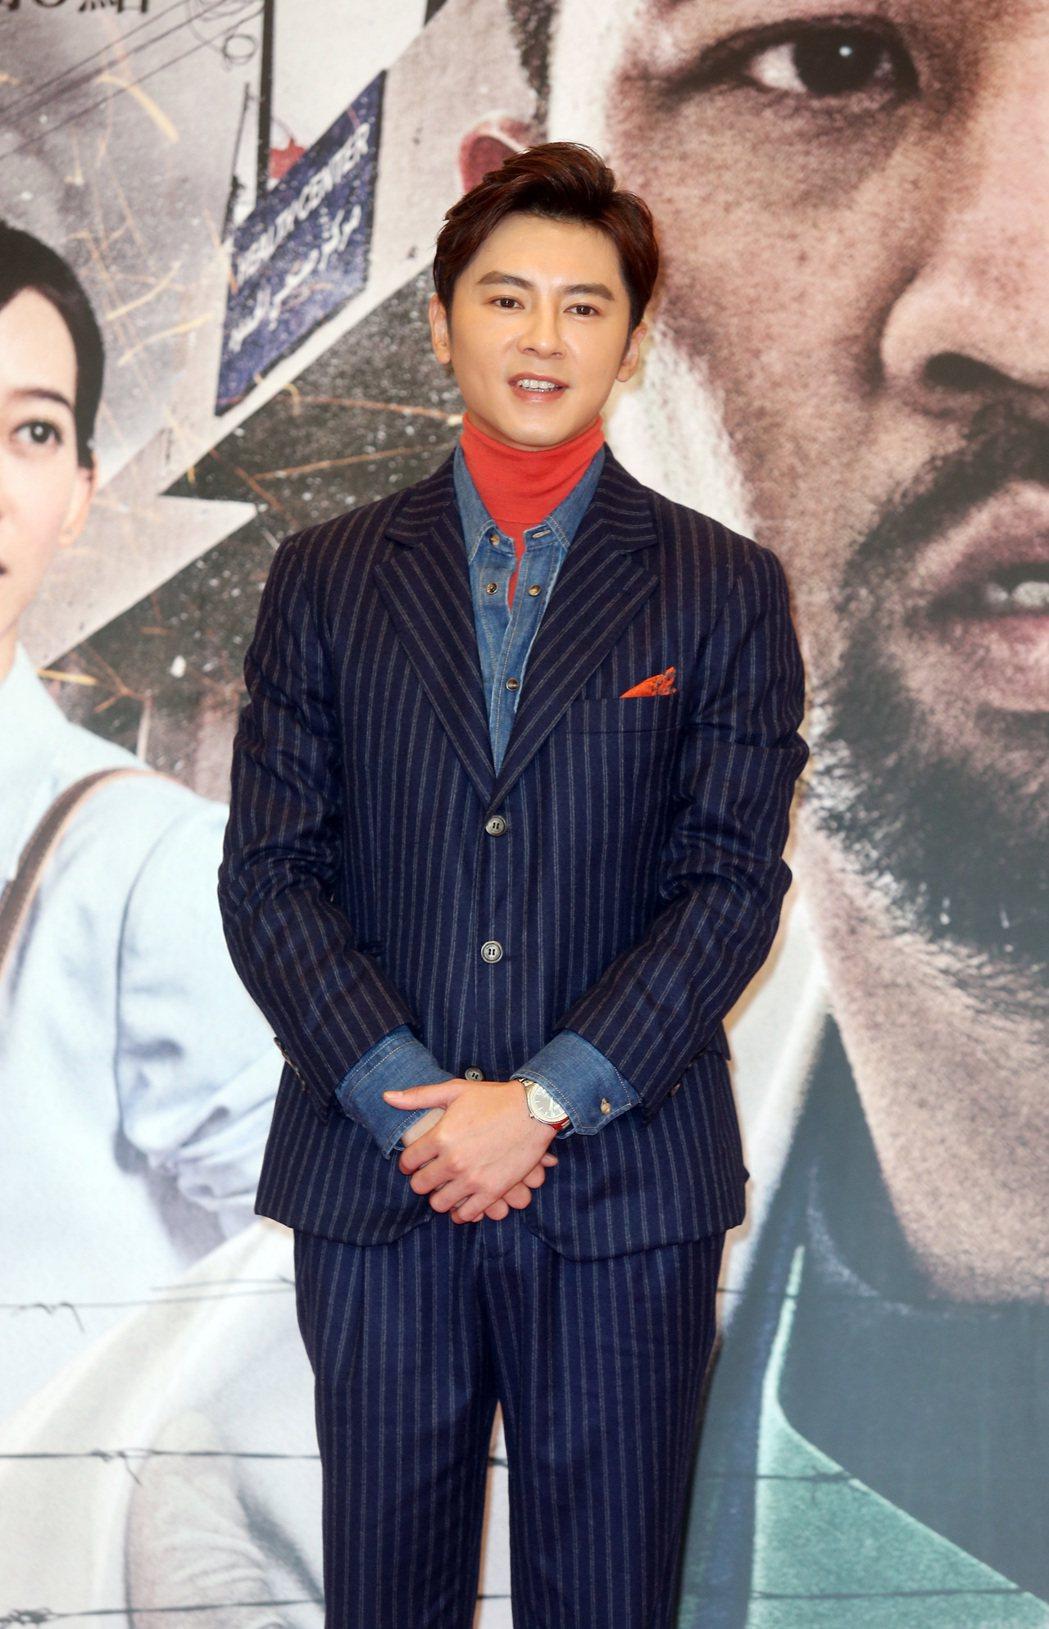 公視「麻醉風暴2」首映記者會下午舉行,演員李國毅出席。記者曾吉松/攝影